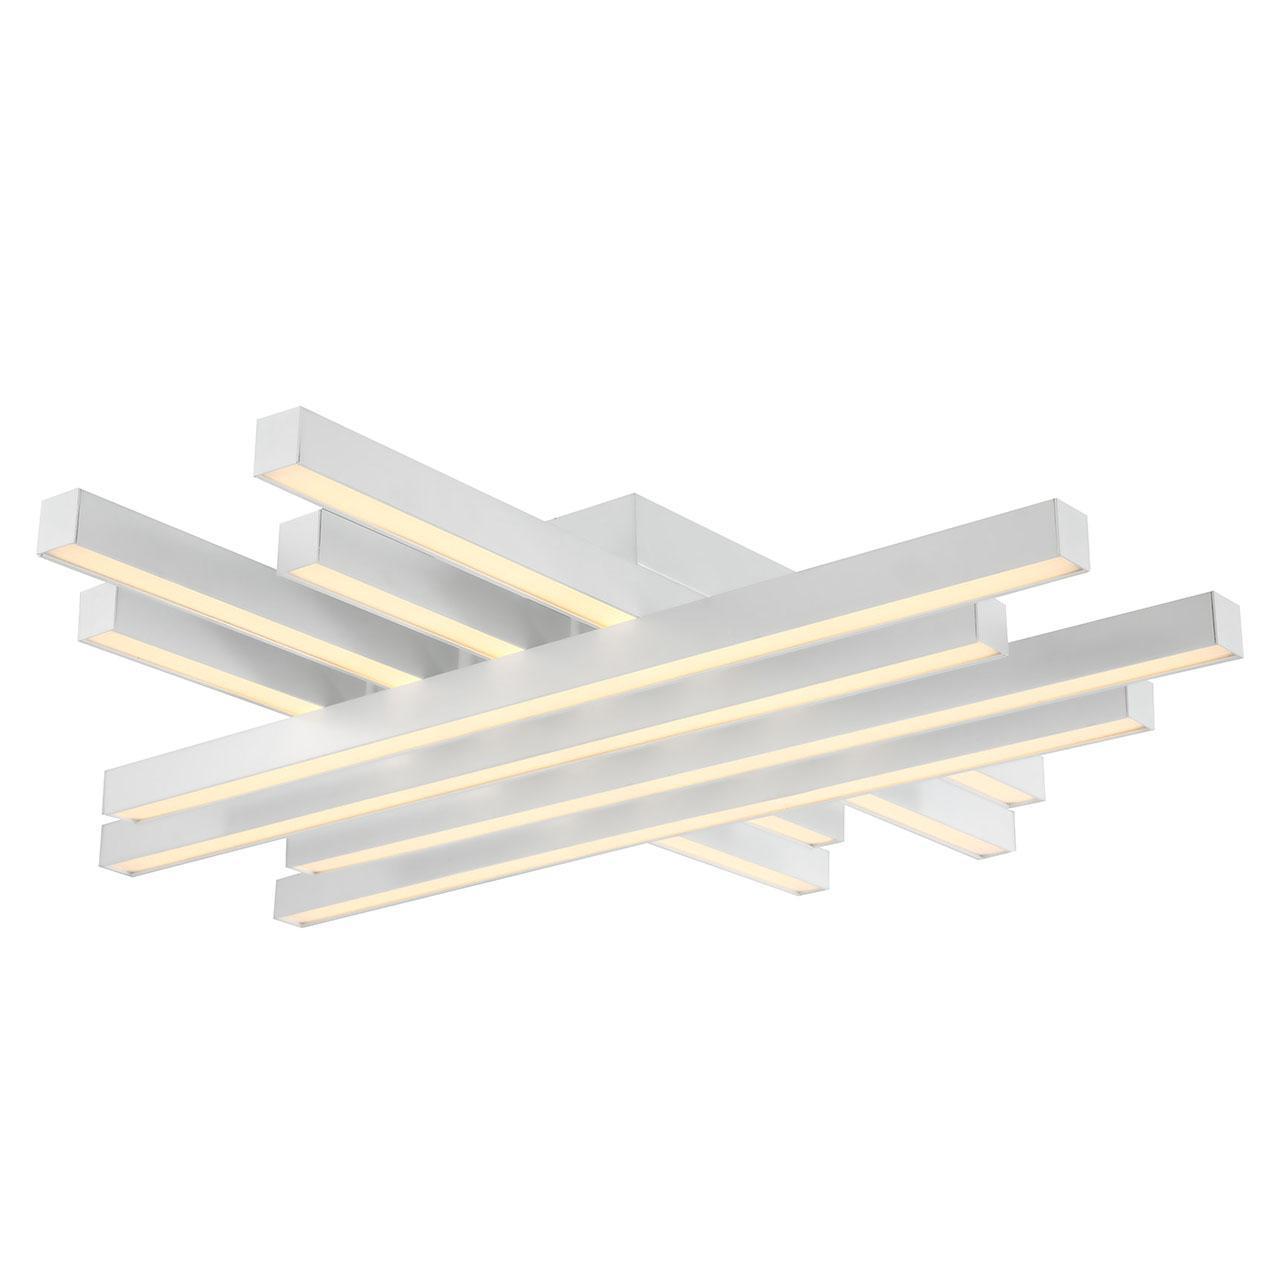 Потолочный светодиодный светильник Horoz Trend белый 019-009-0085 подвесной светодиодный светильник horoz asfor черный 019 011 0085